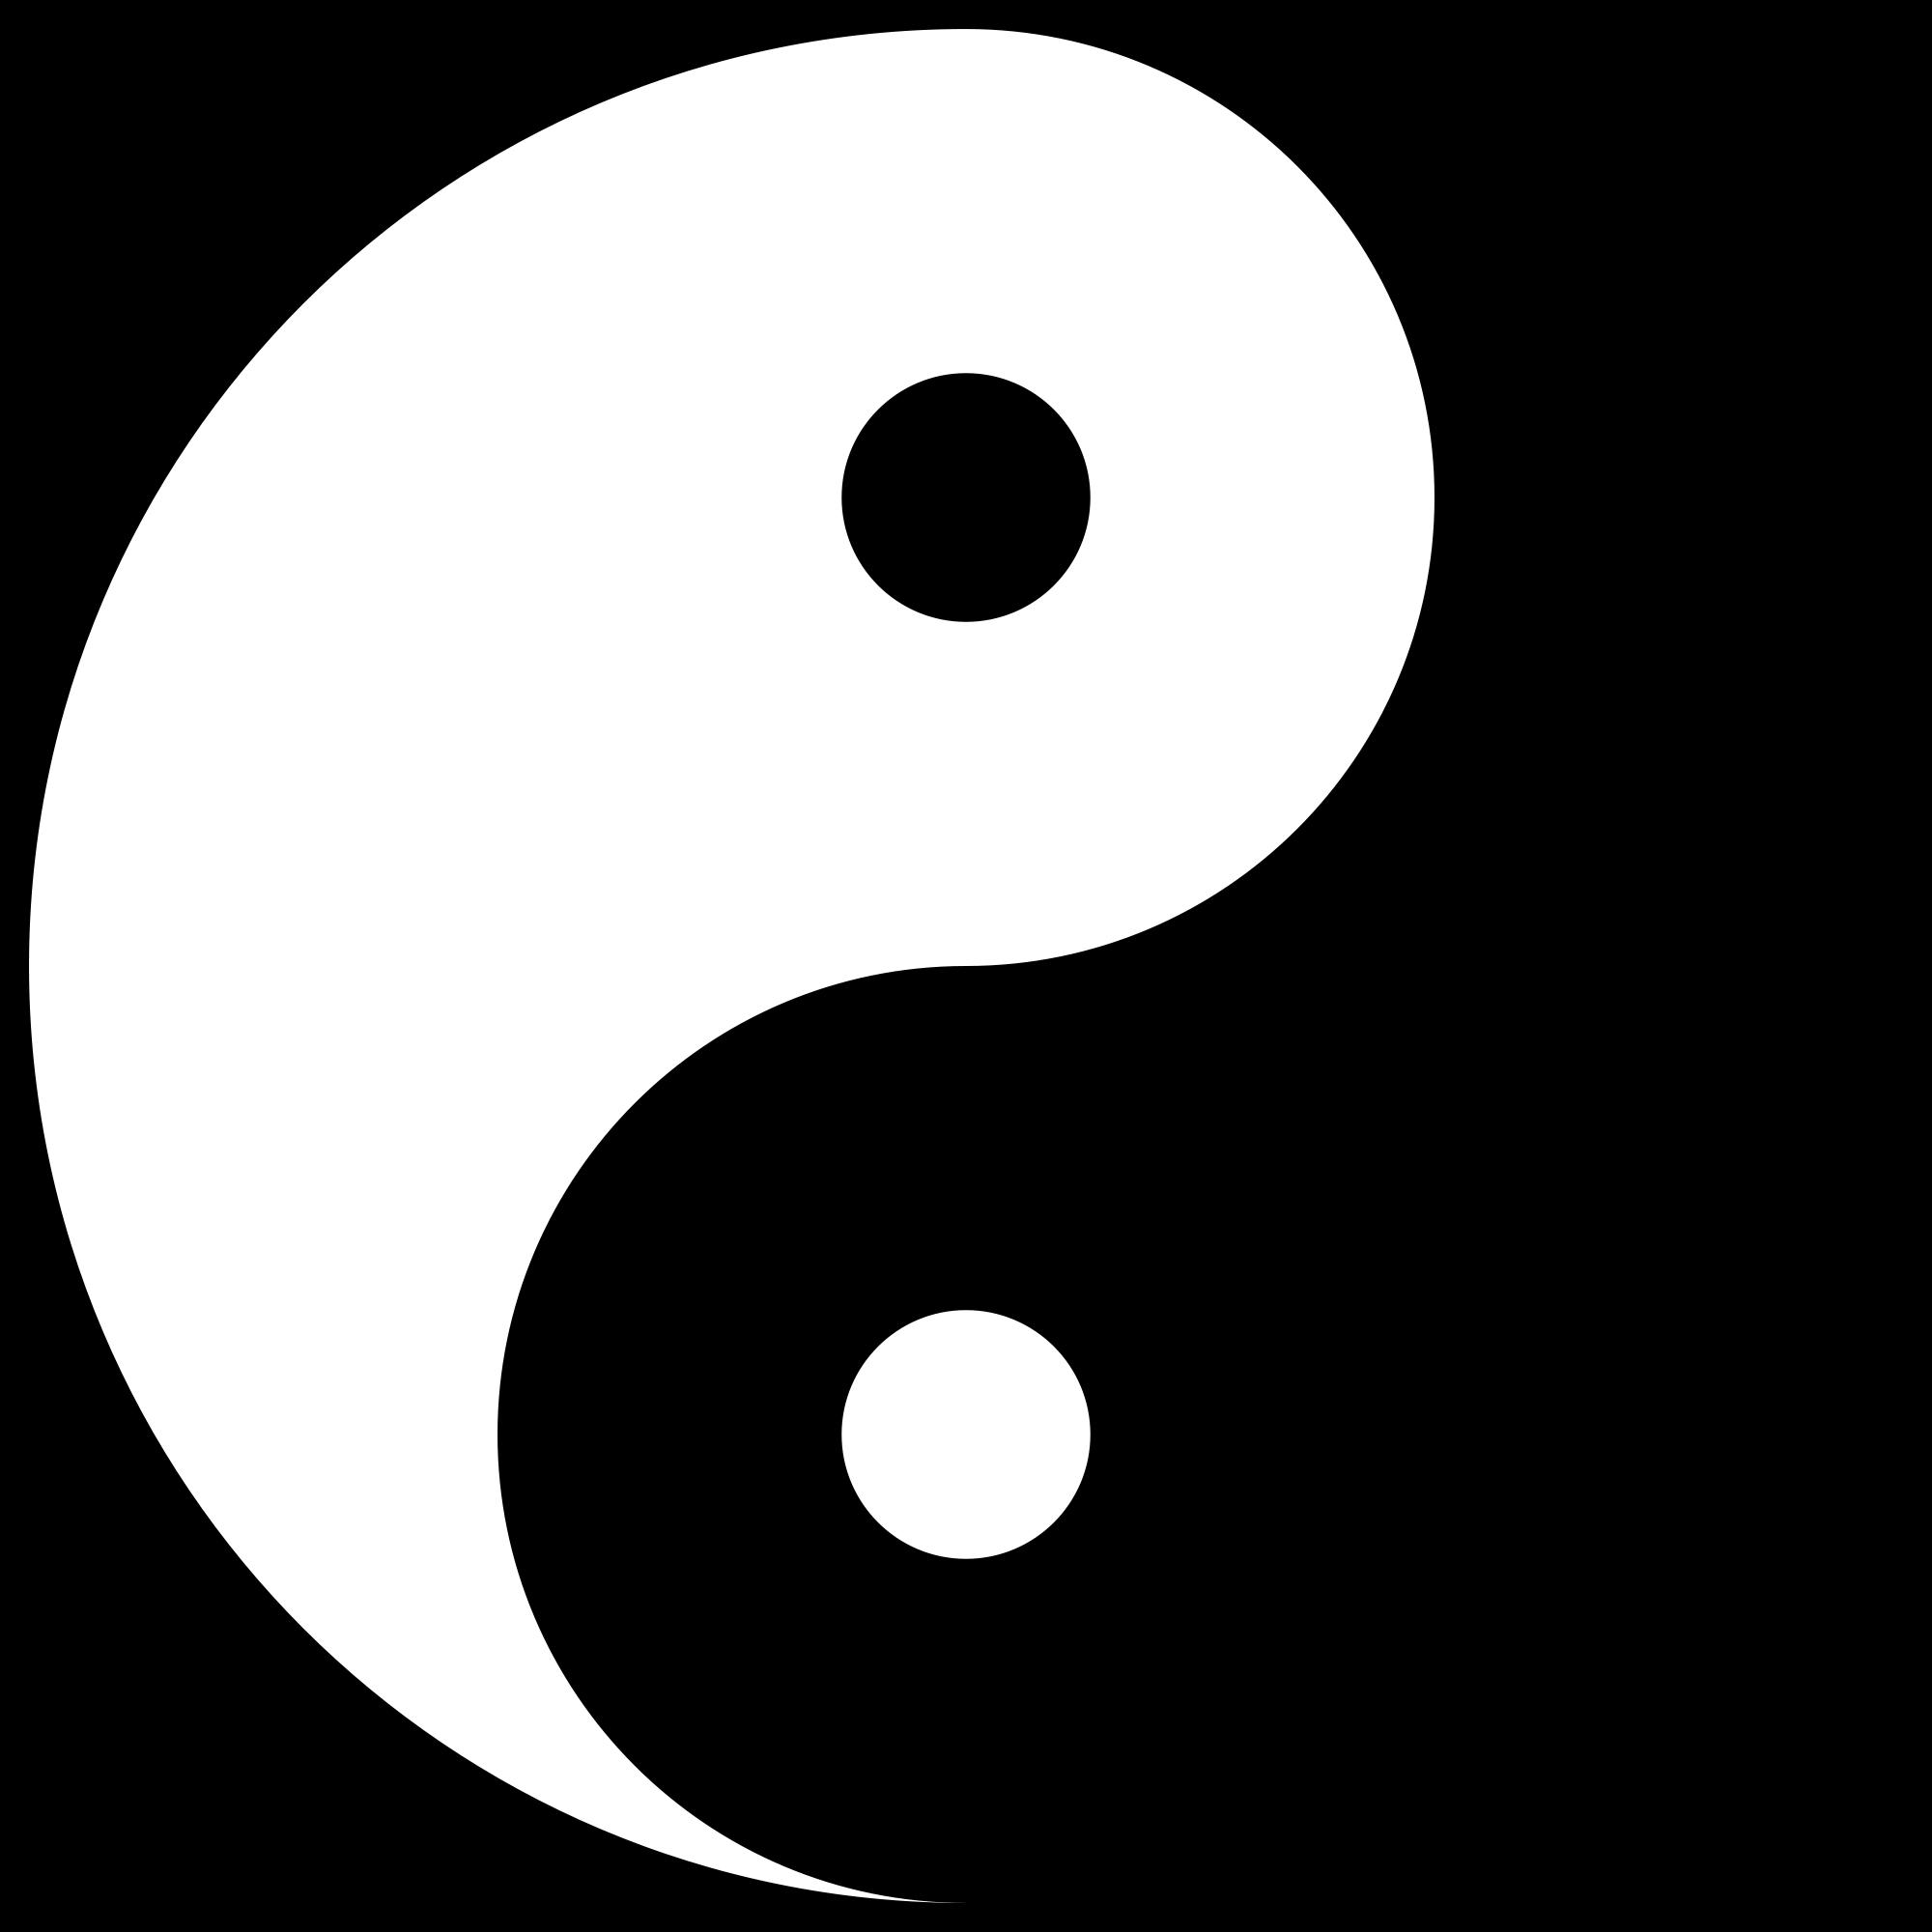 Abstract Yin Yang Tao 1969px Png 1969 1969 Yin Yang Yin Yang Art Yin Yang Balance